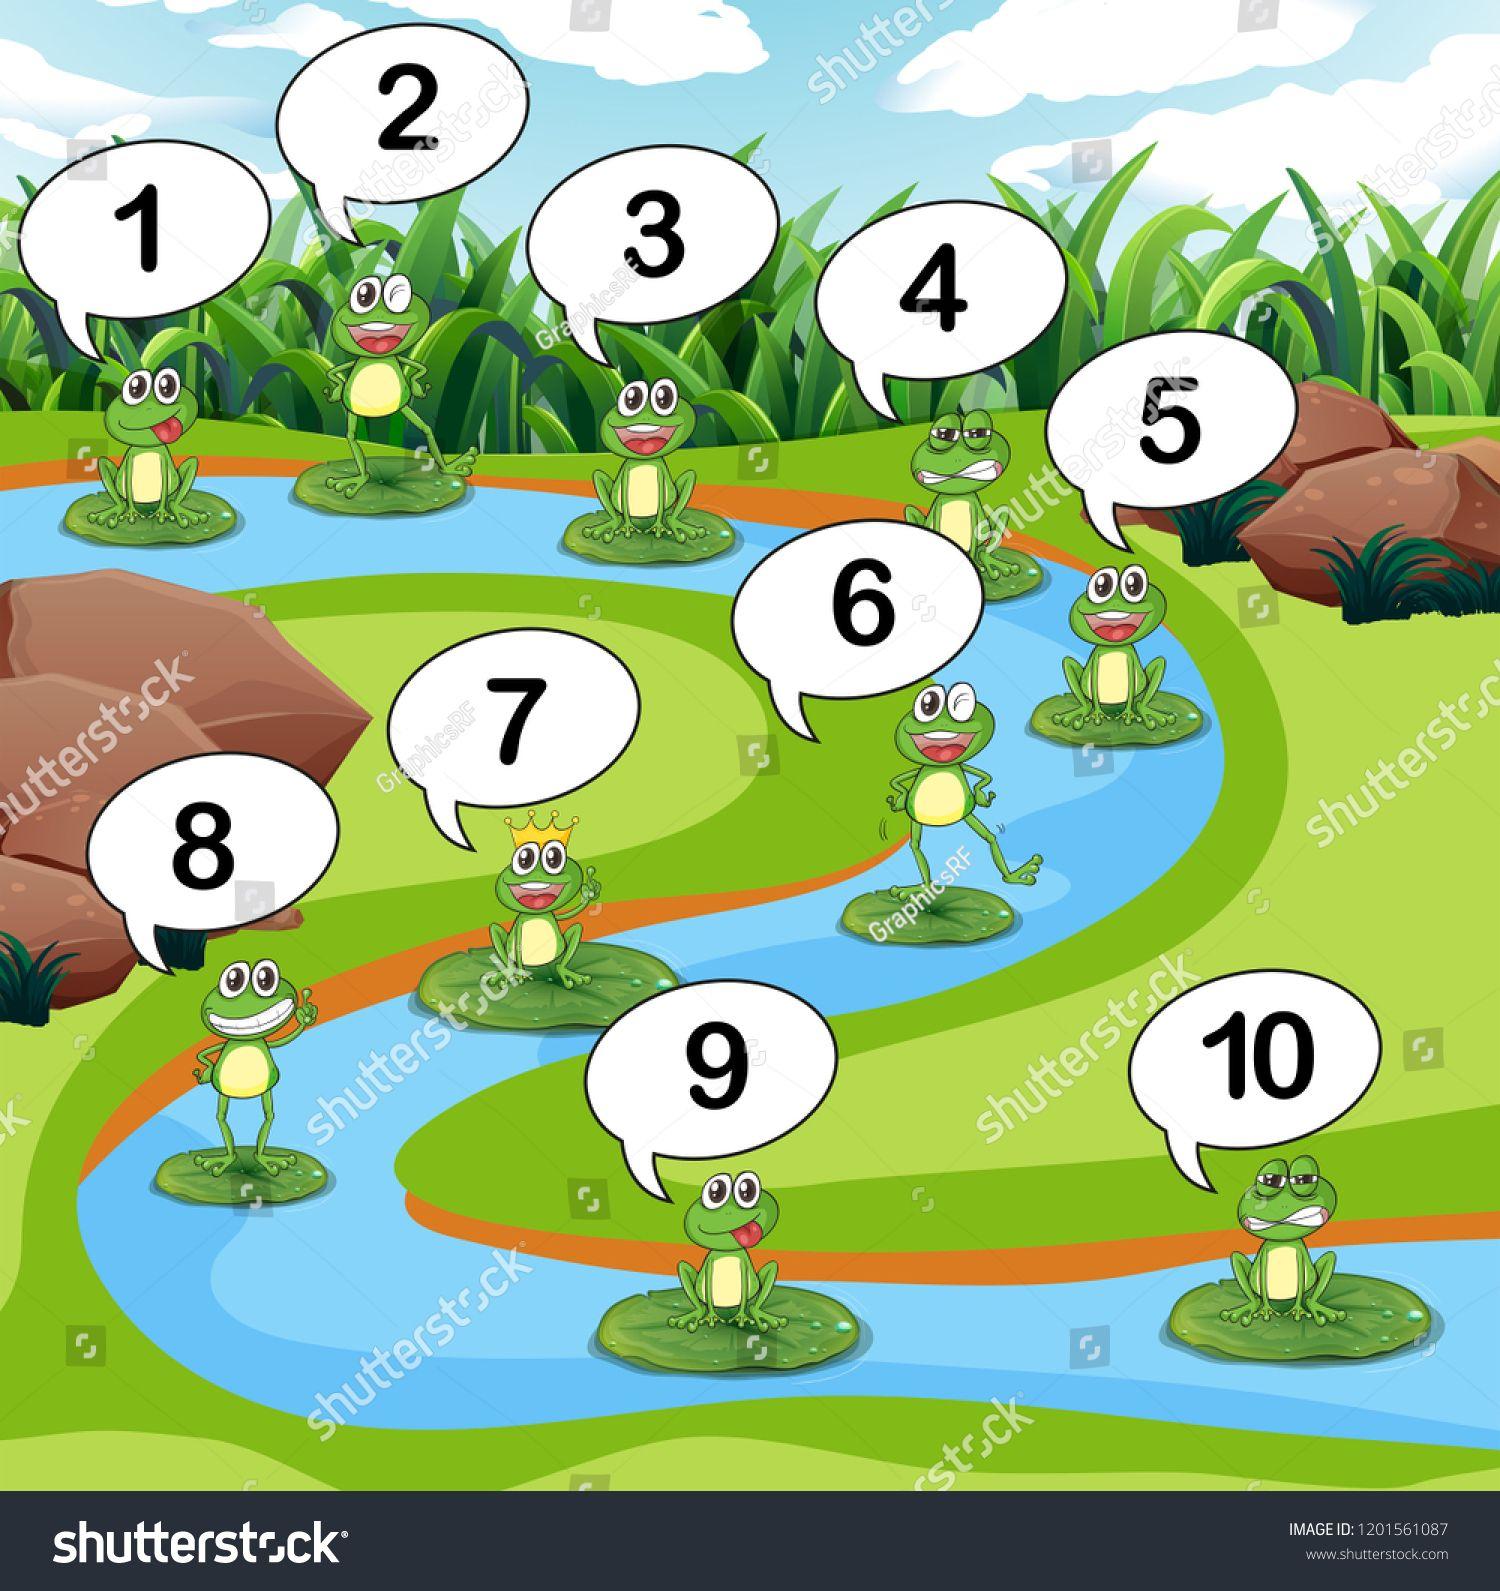 Frog Count Number At Pond Illustration Ad Spon Count